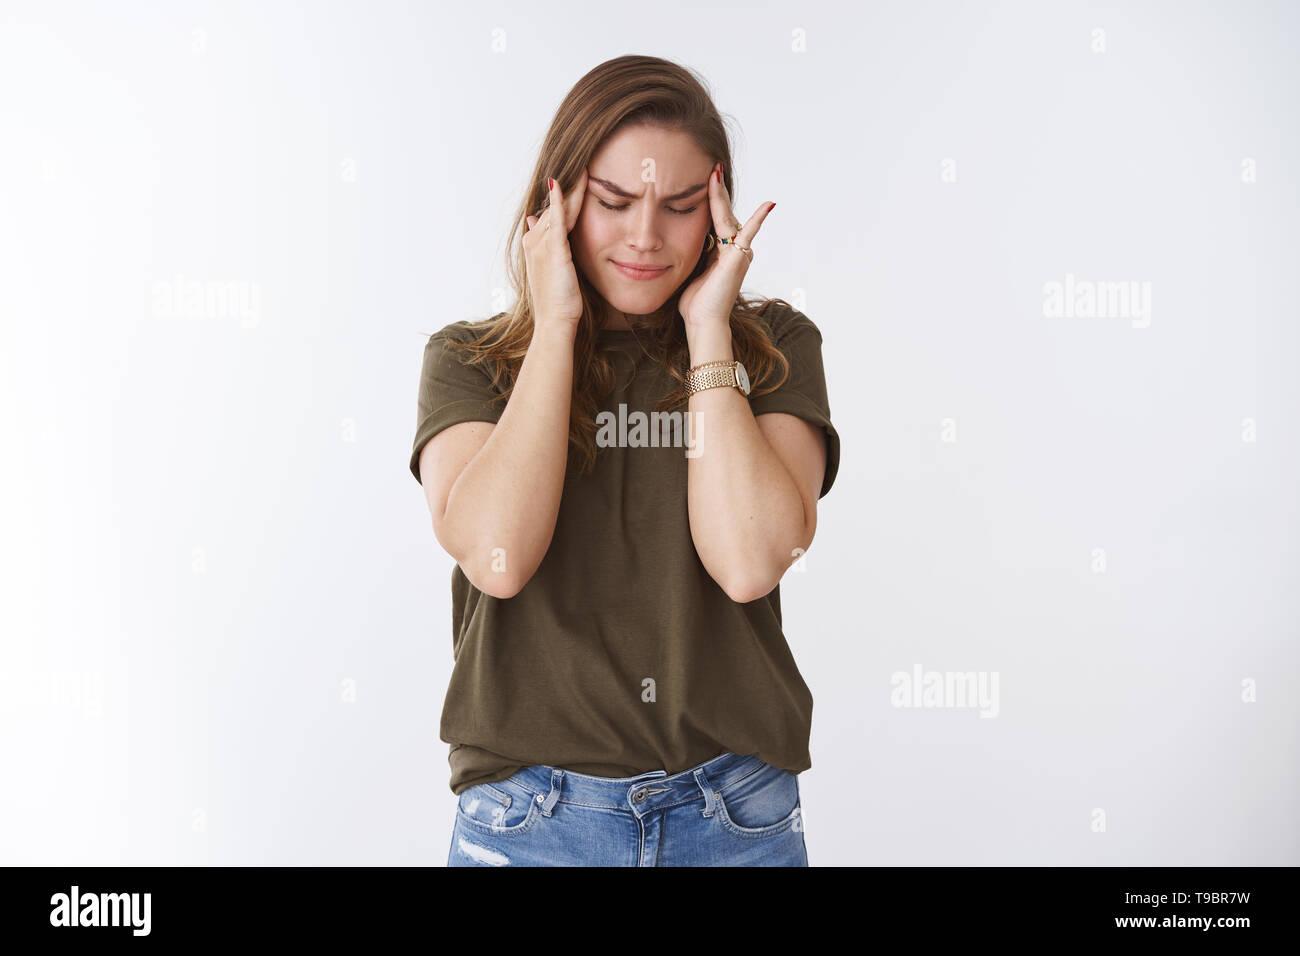 Frau mit riesigen Migräne schmerzliche Gefühl berühren Tempel nicht halten kann Schmerzen, schliessen die Augen finster Intensive unscharf, starke Kopfschmerzen Schmerzmittel Stockbild